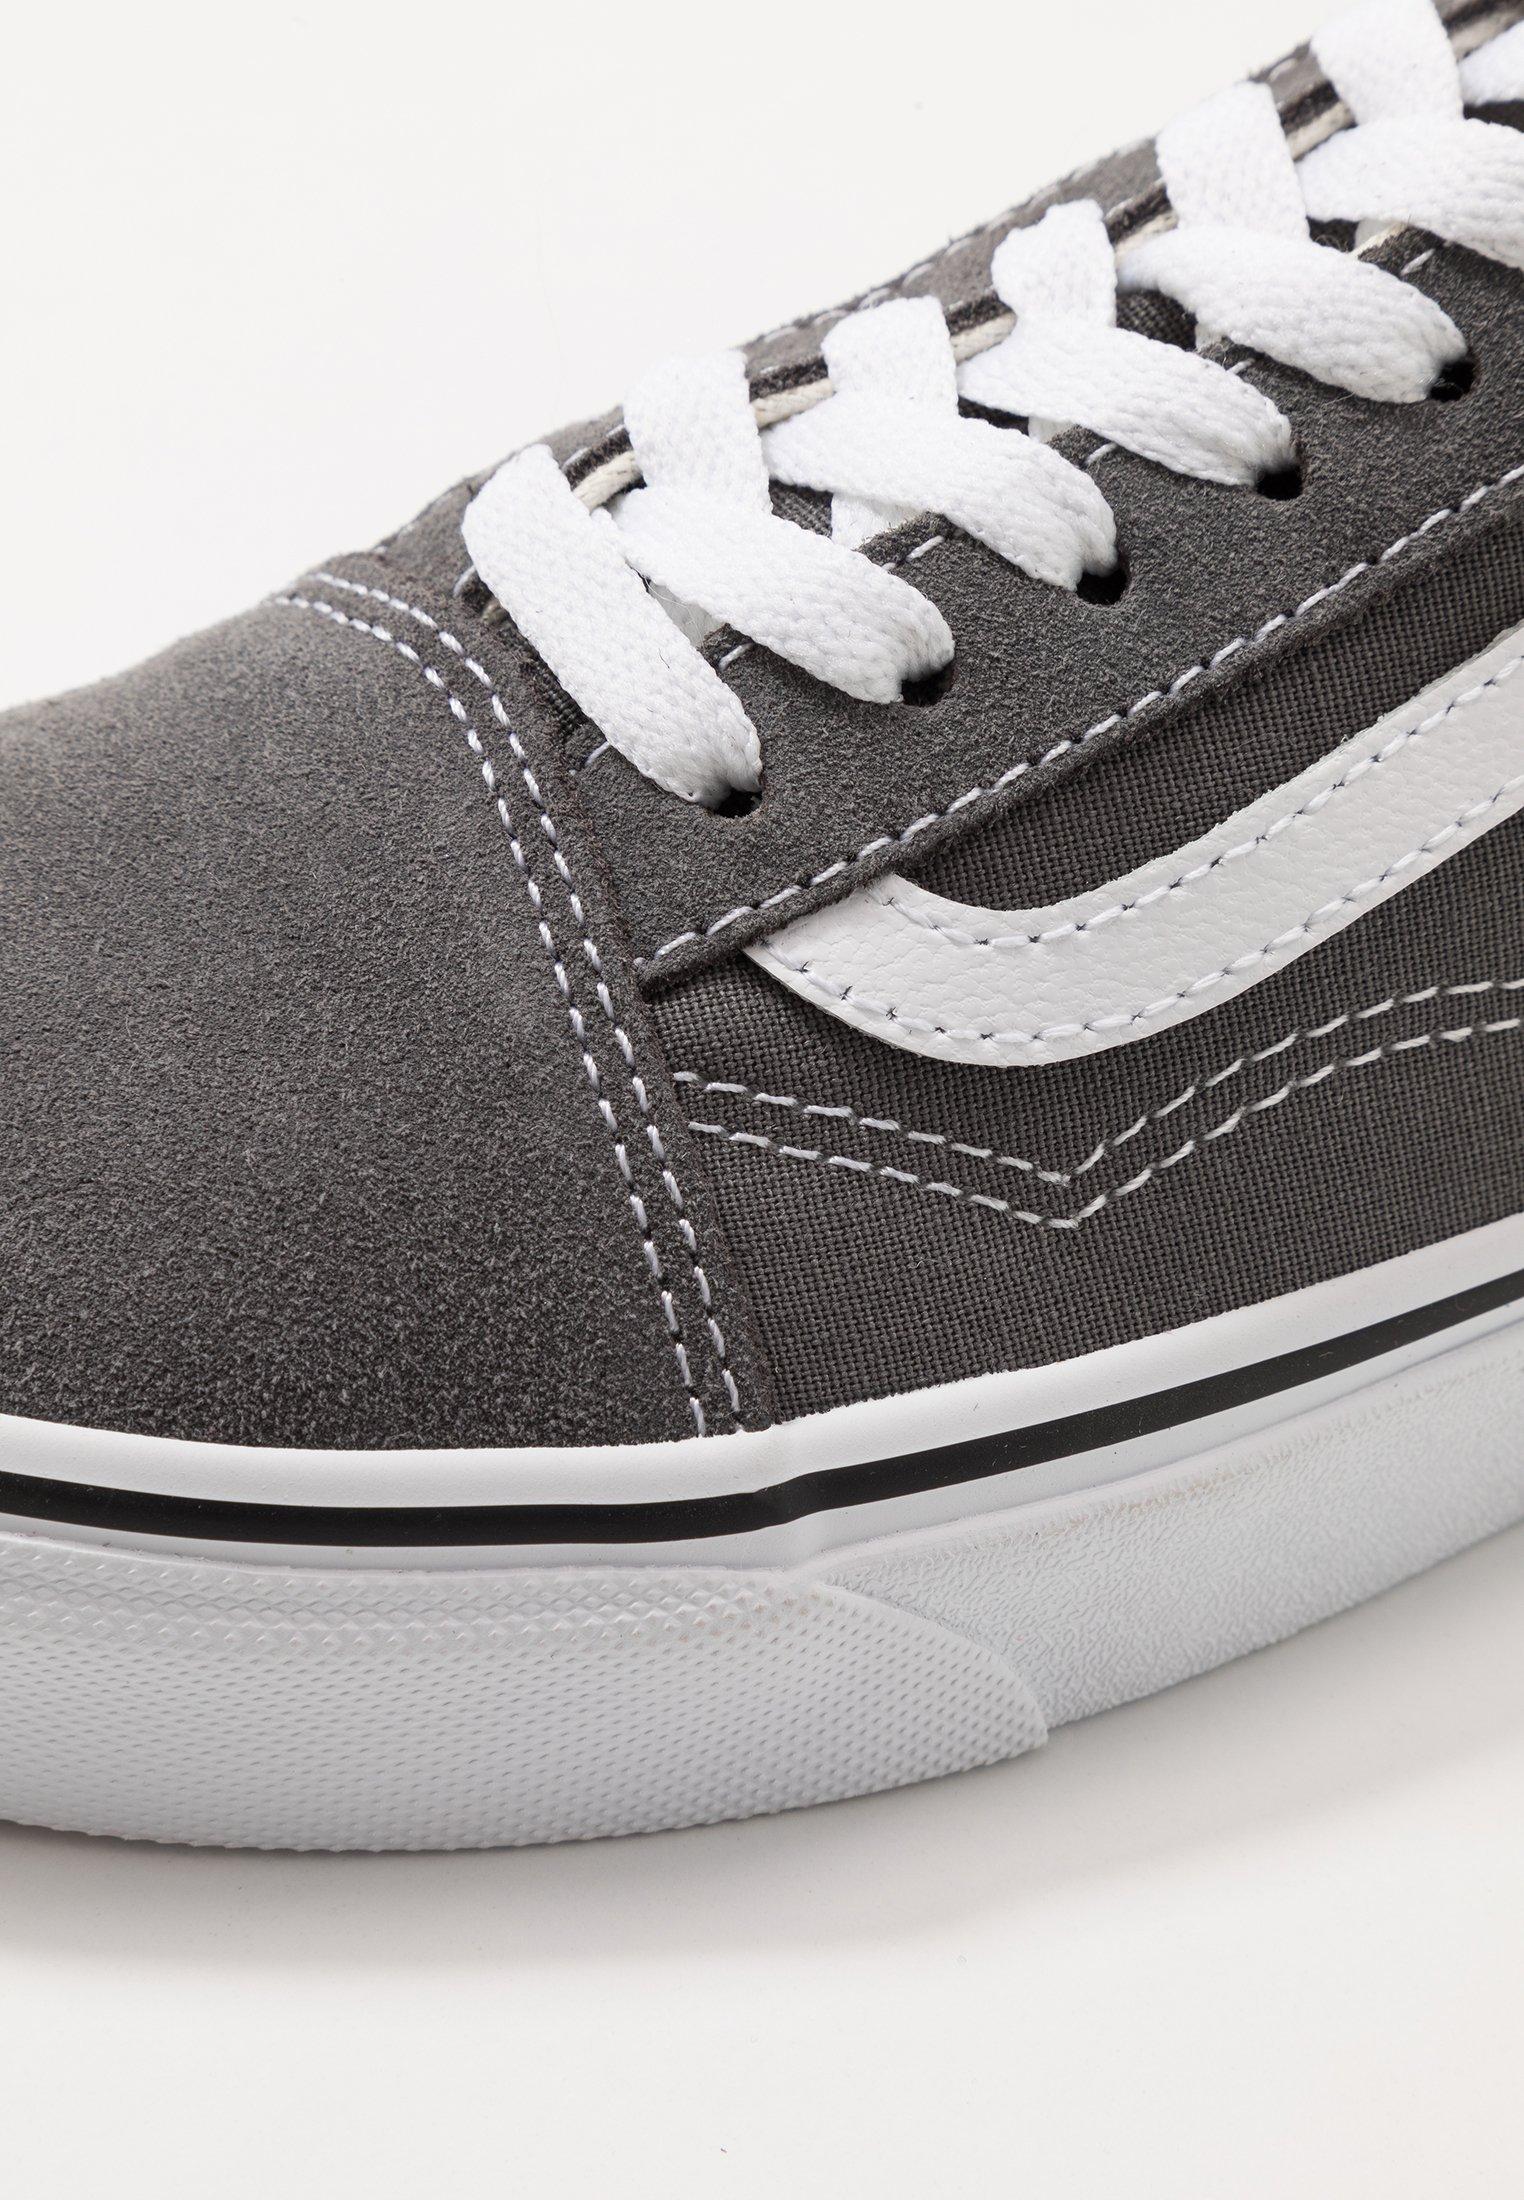 Vans Old Skool - Sneaker Low Pewter/true White Black Friday